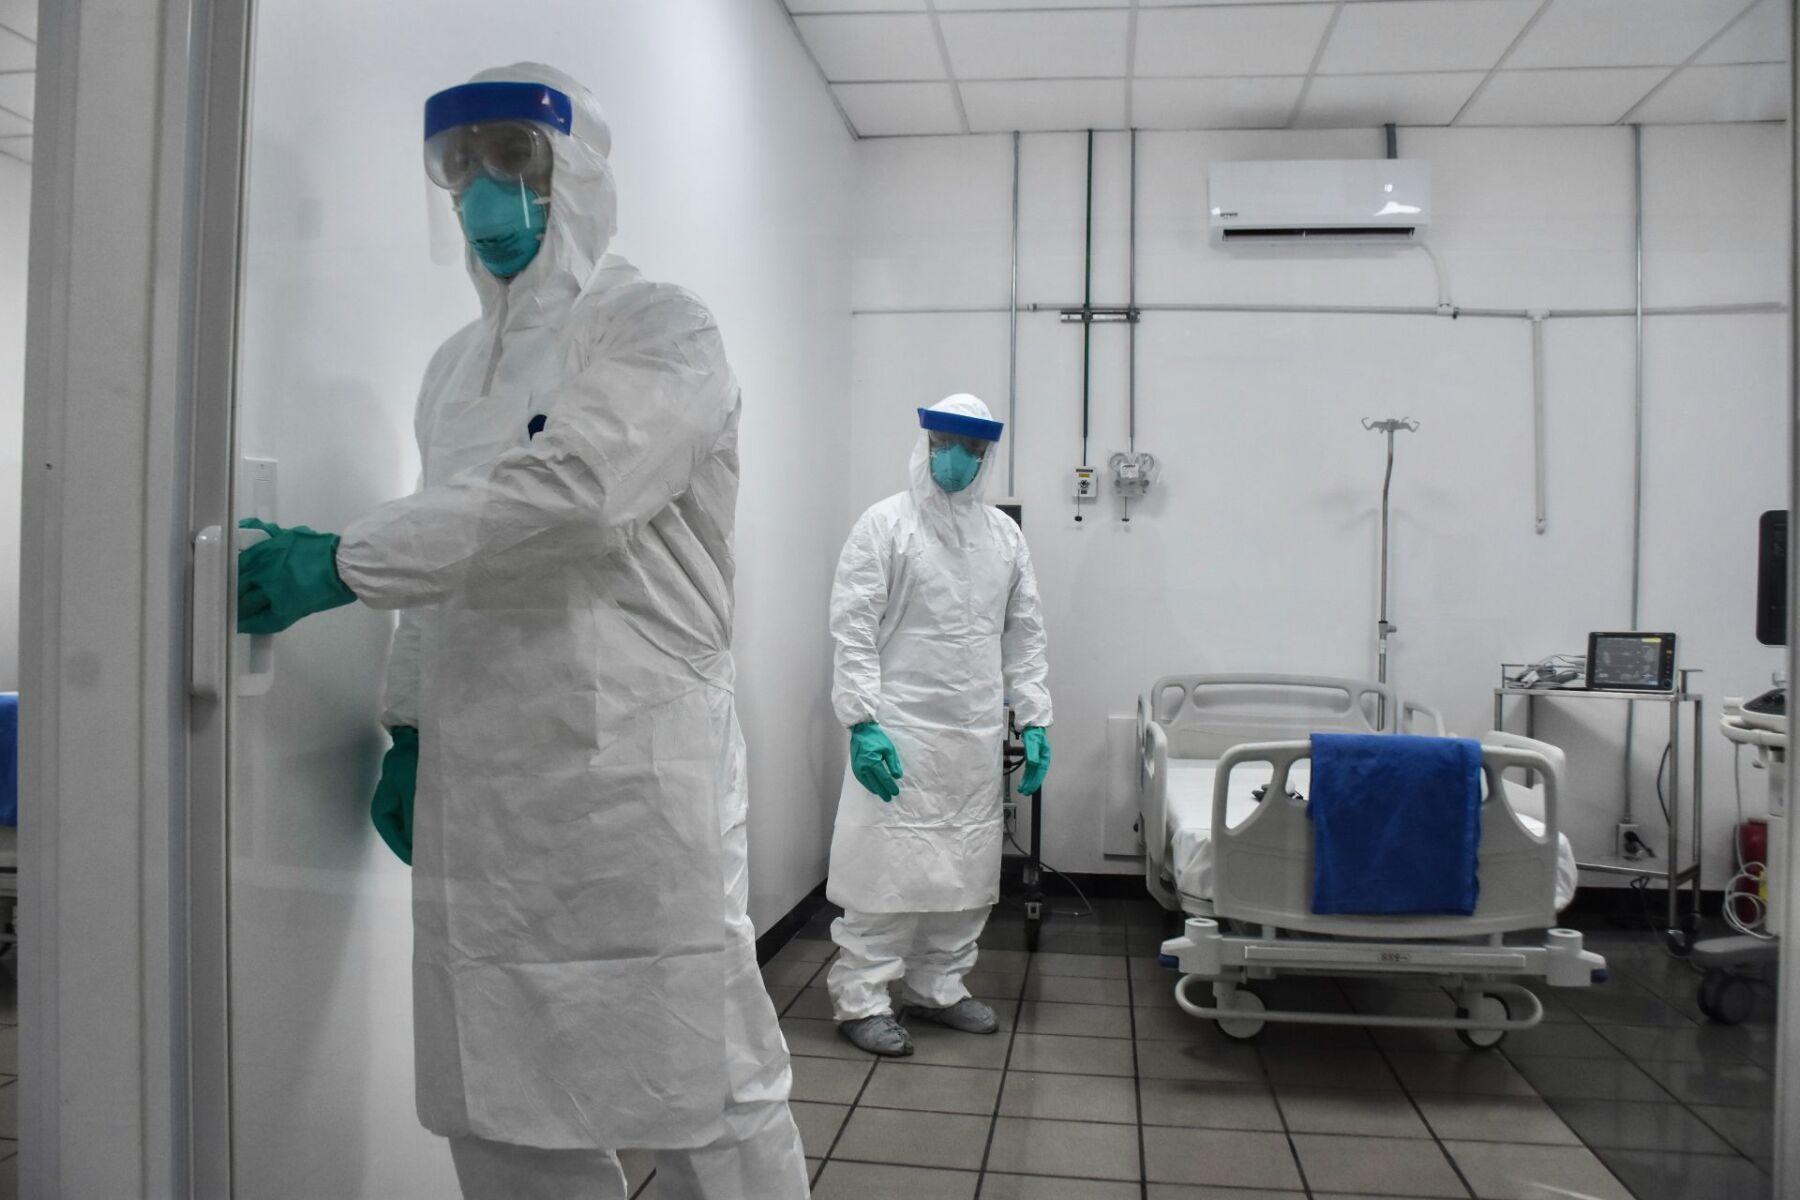 Hospitalización por coronavirus cuesta hasta 600 mil pesos